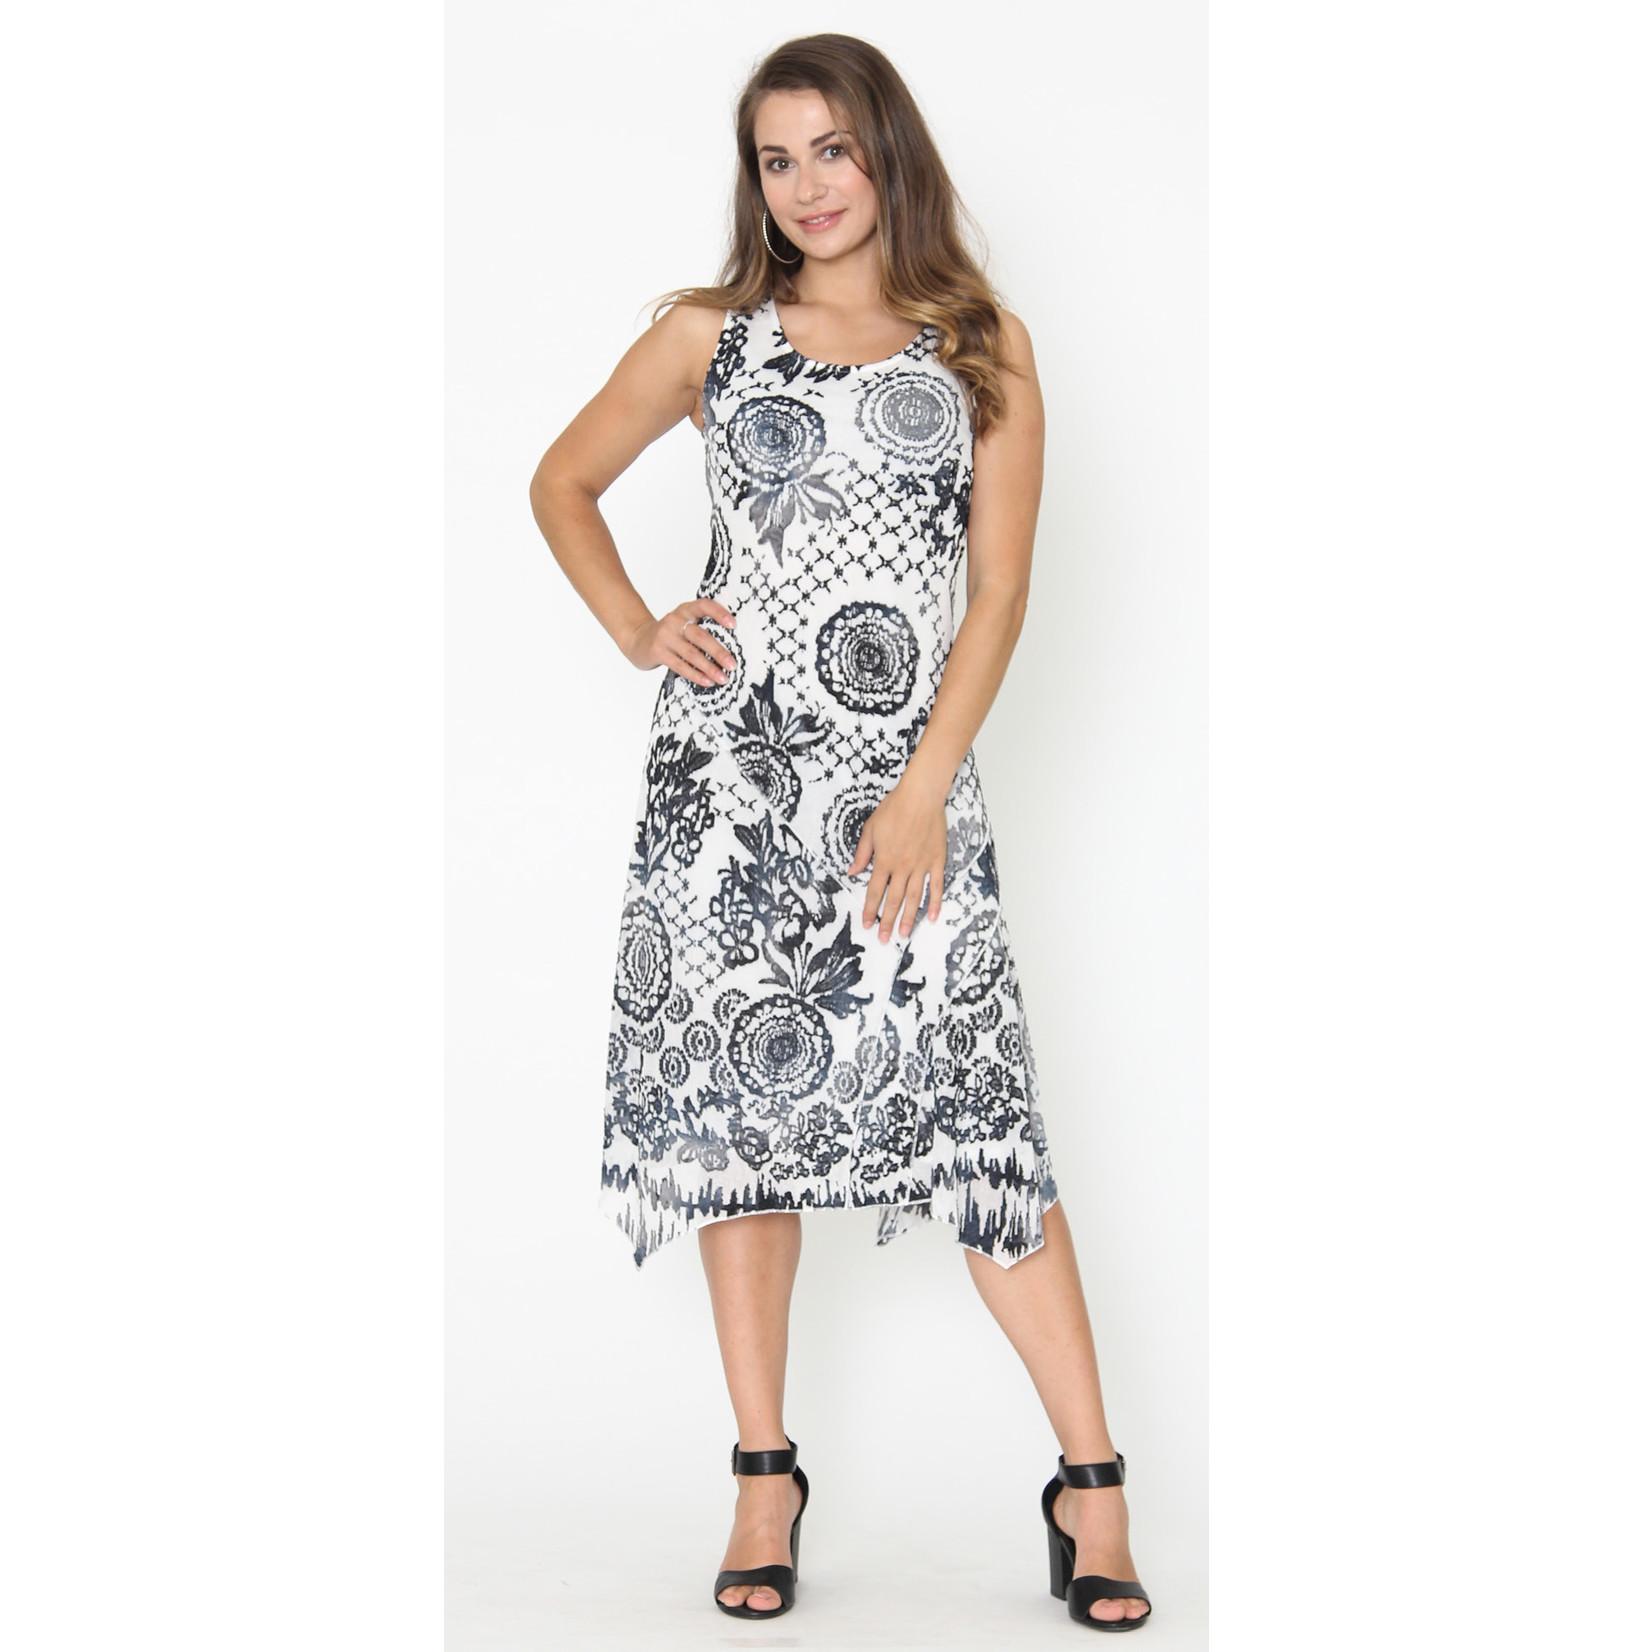 Captiva Anja Ink Dress